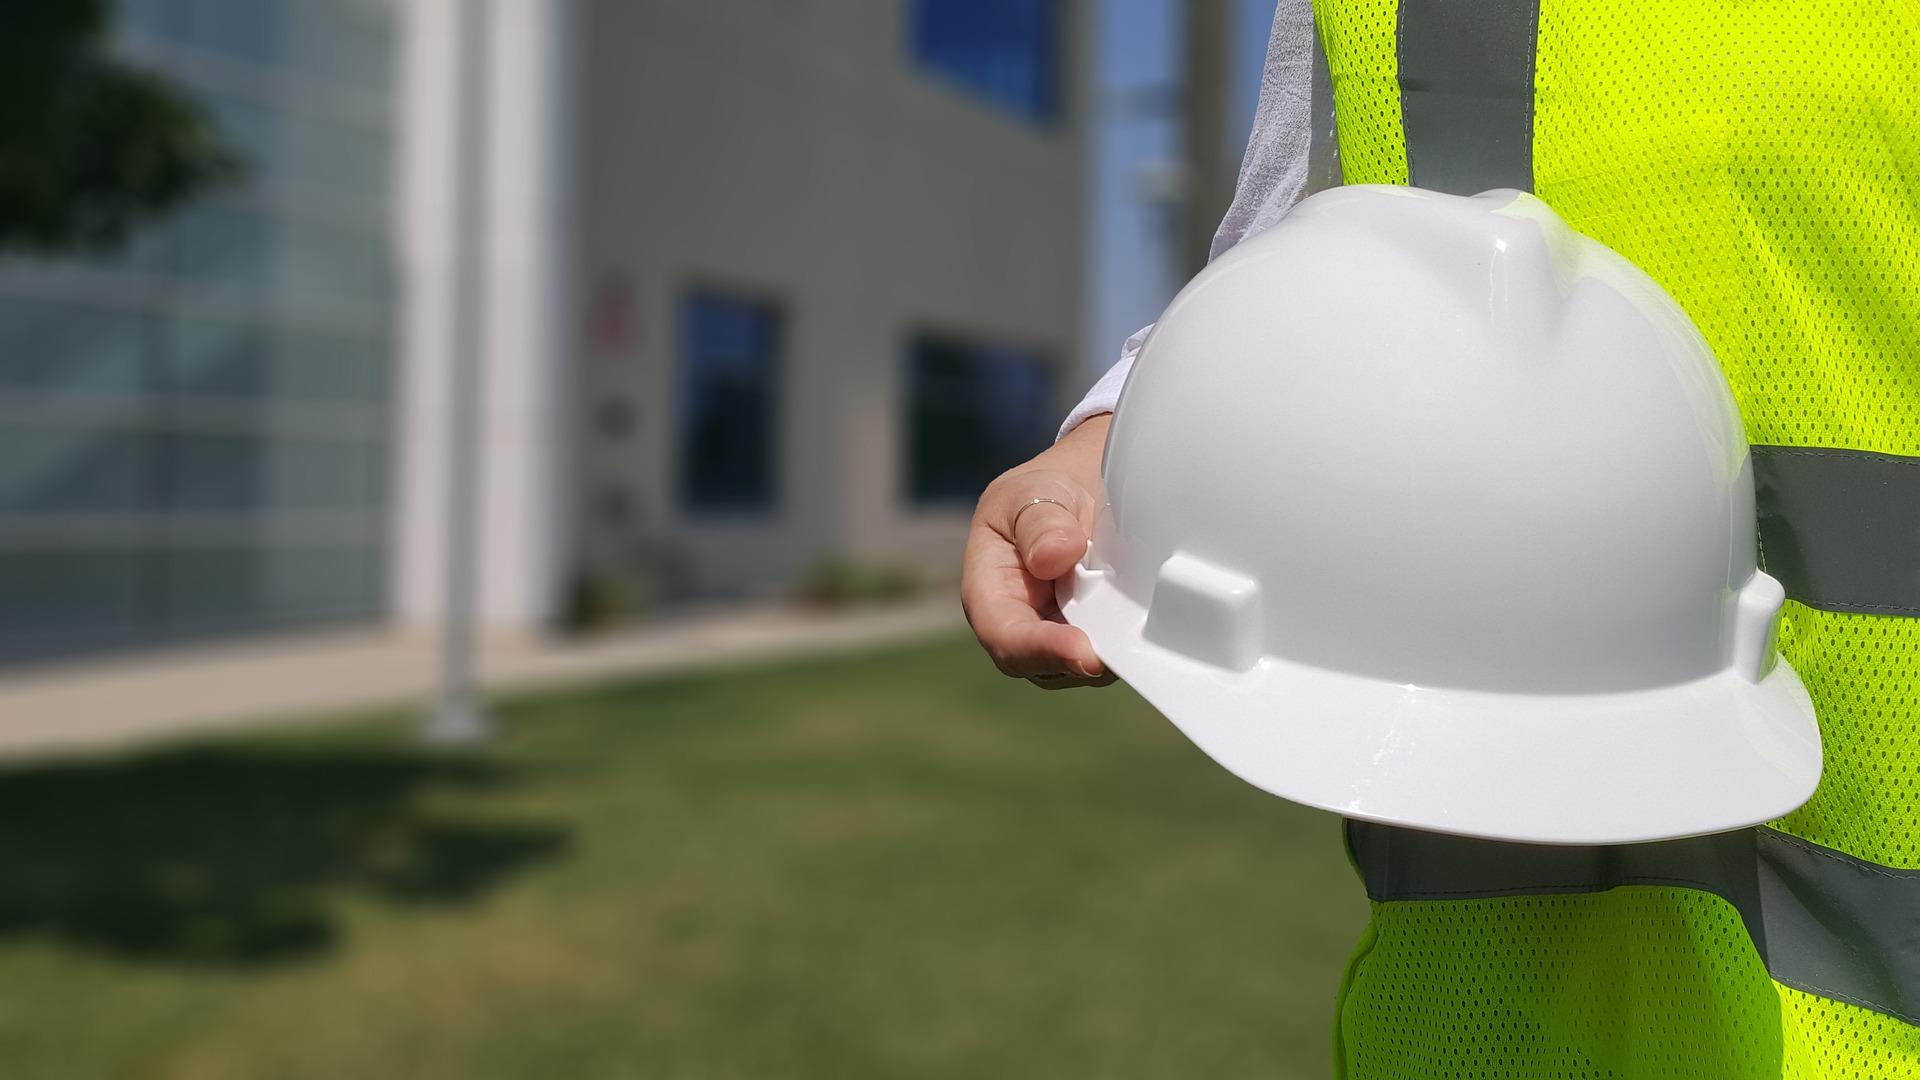 הכירו את איש המקצוע אחריות קבלן השיפוצים במהלך שיפוץ הבית